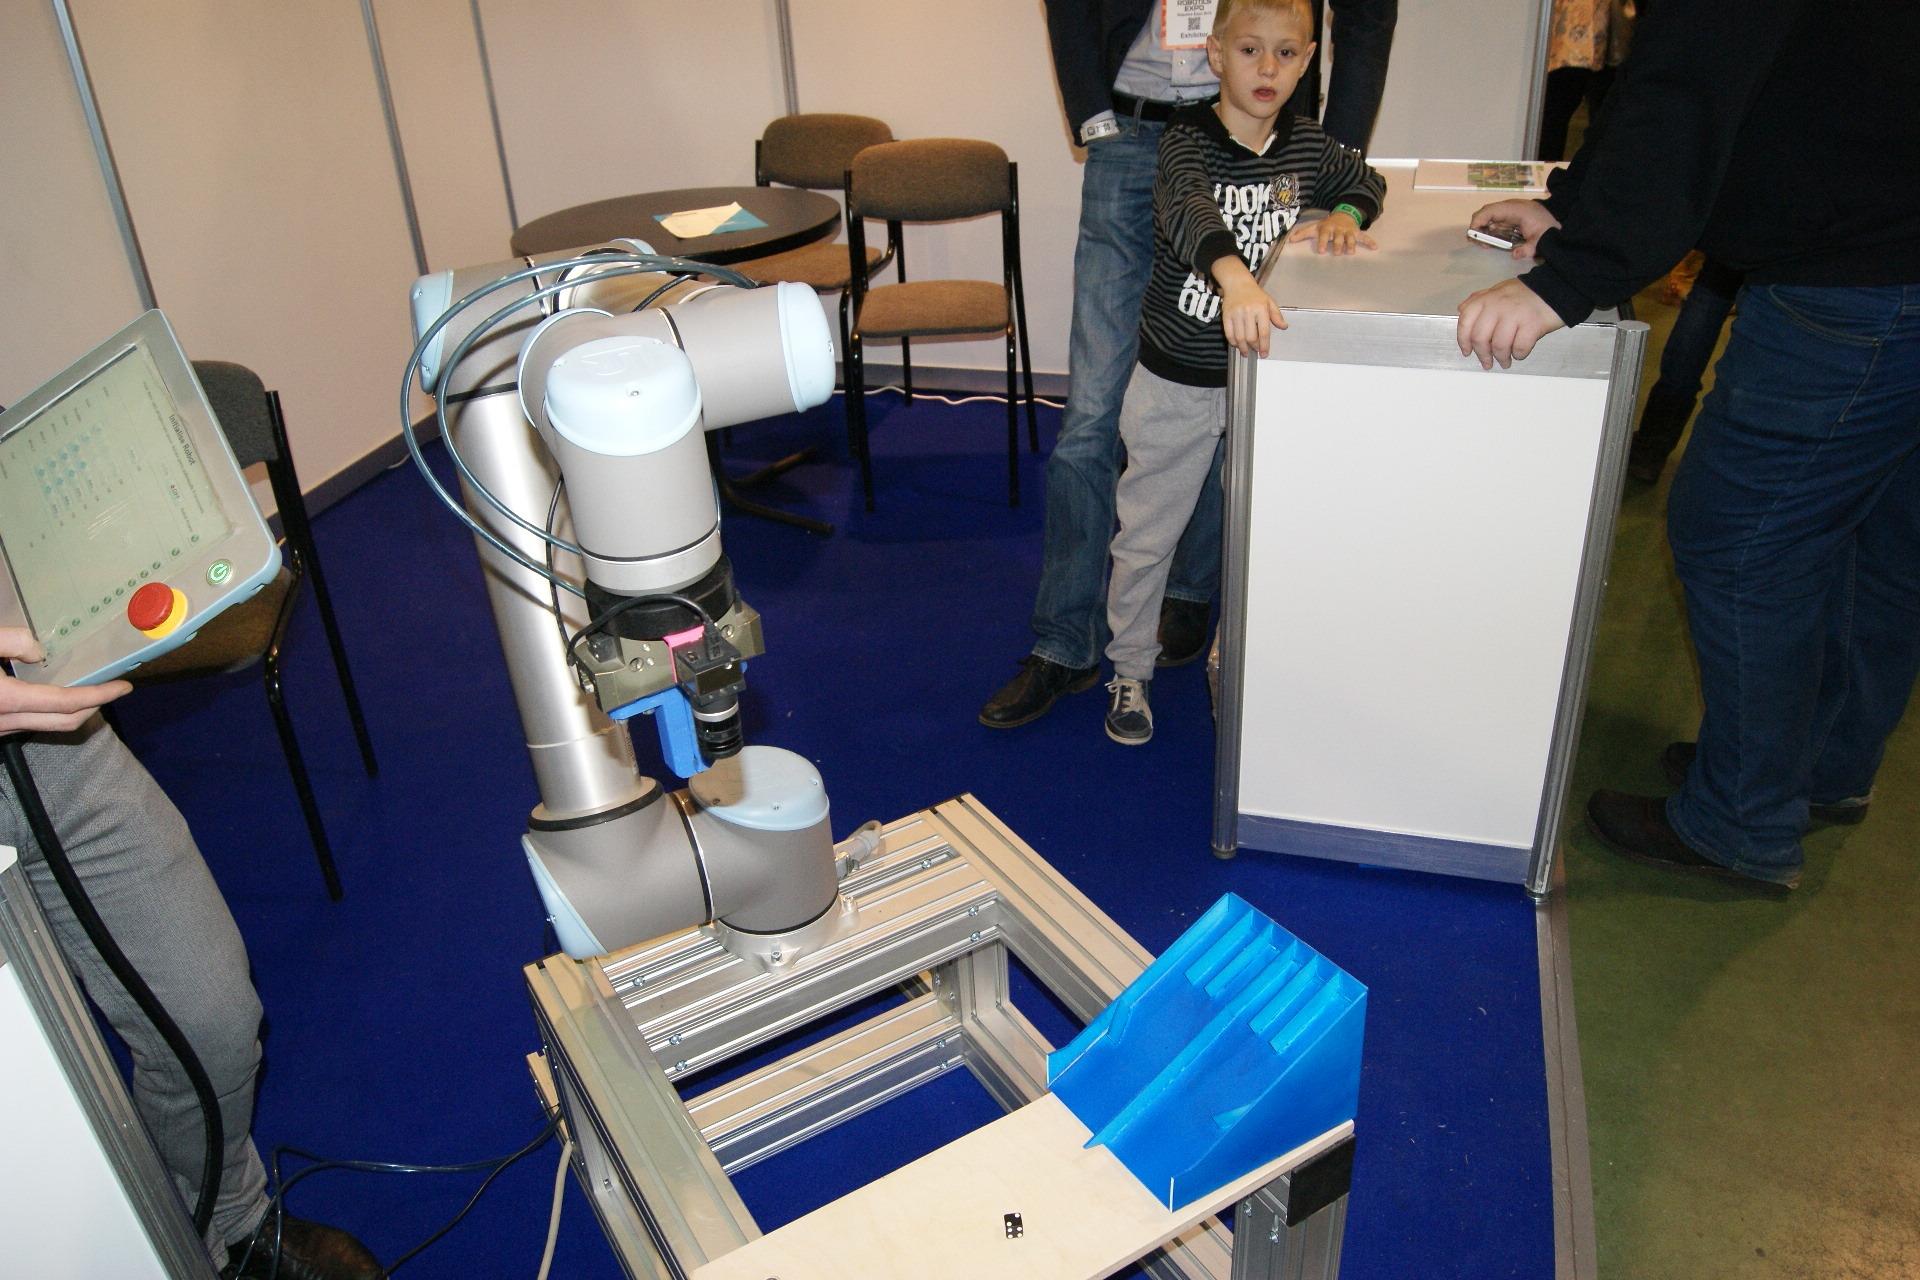 Обзор третьей международной выставки Robotics Expo 2015 в Москве